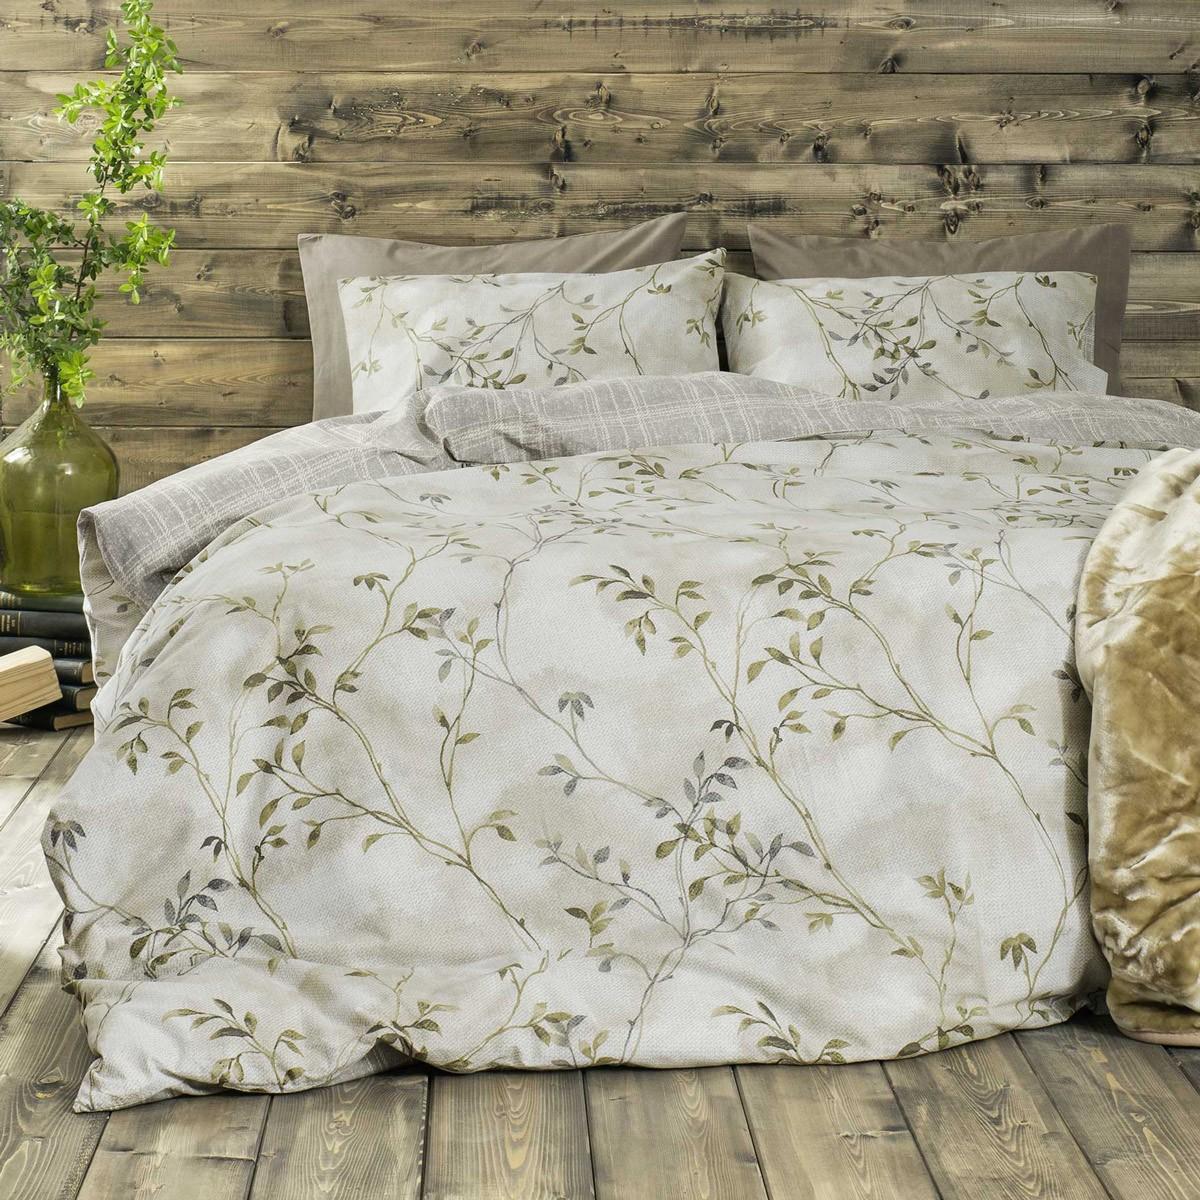 Σεντόνια Μονά (Σετ) Nima Bed Linen Fiorenza Green ΧΩΡΙΣ ΛΑΣΤΙΧΟ 170×260 ΧΩΡΙΣ ΛΑΣΤΙΧΟ 170×260